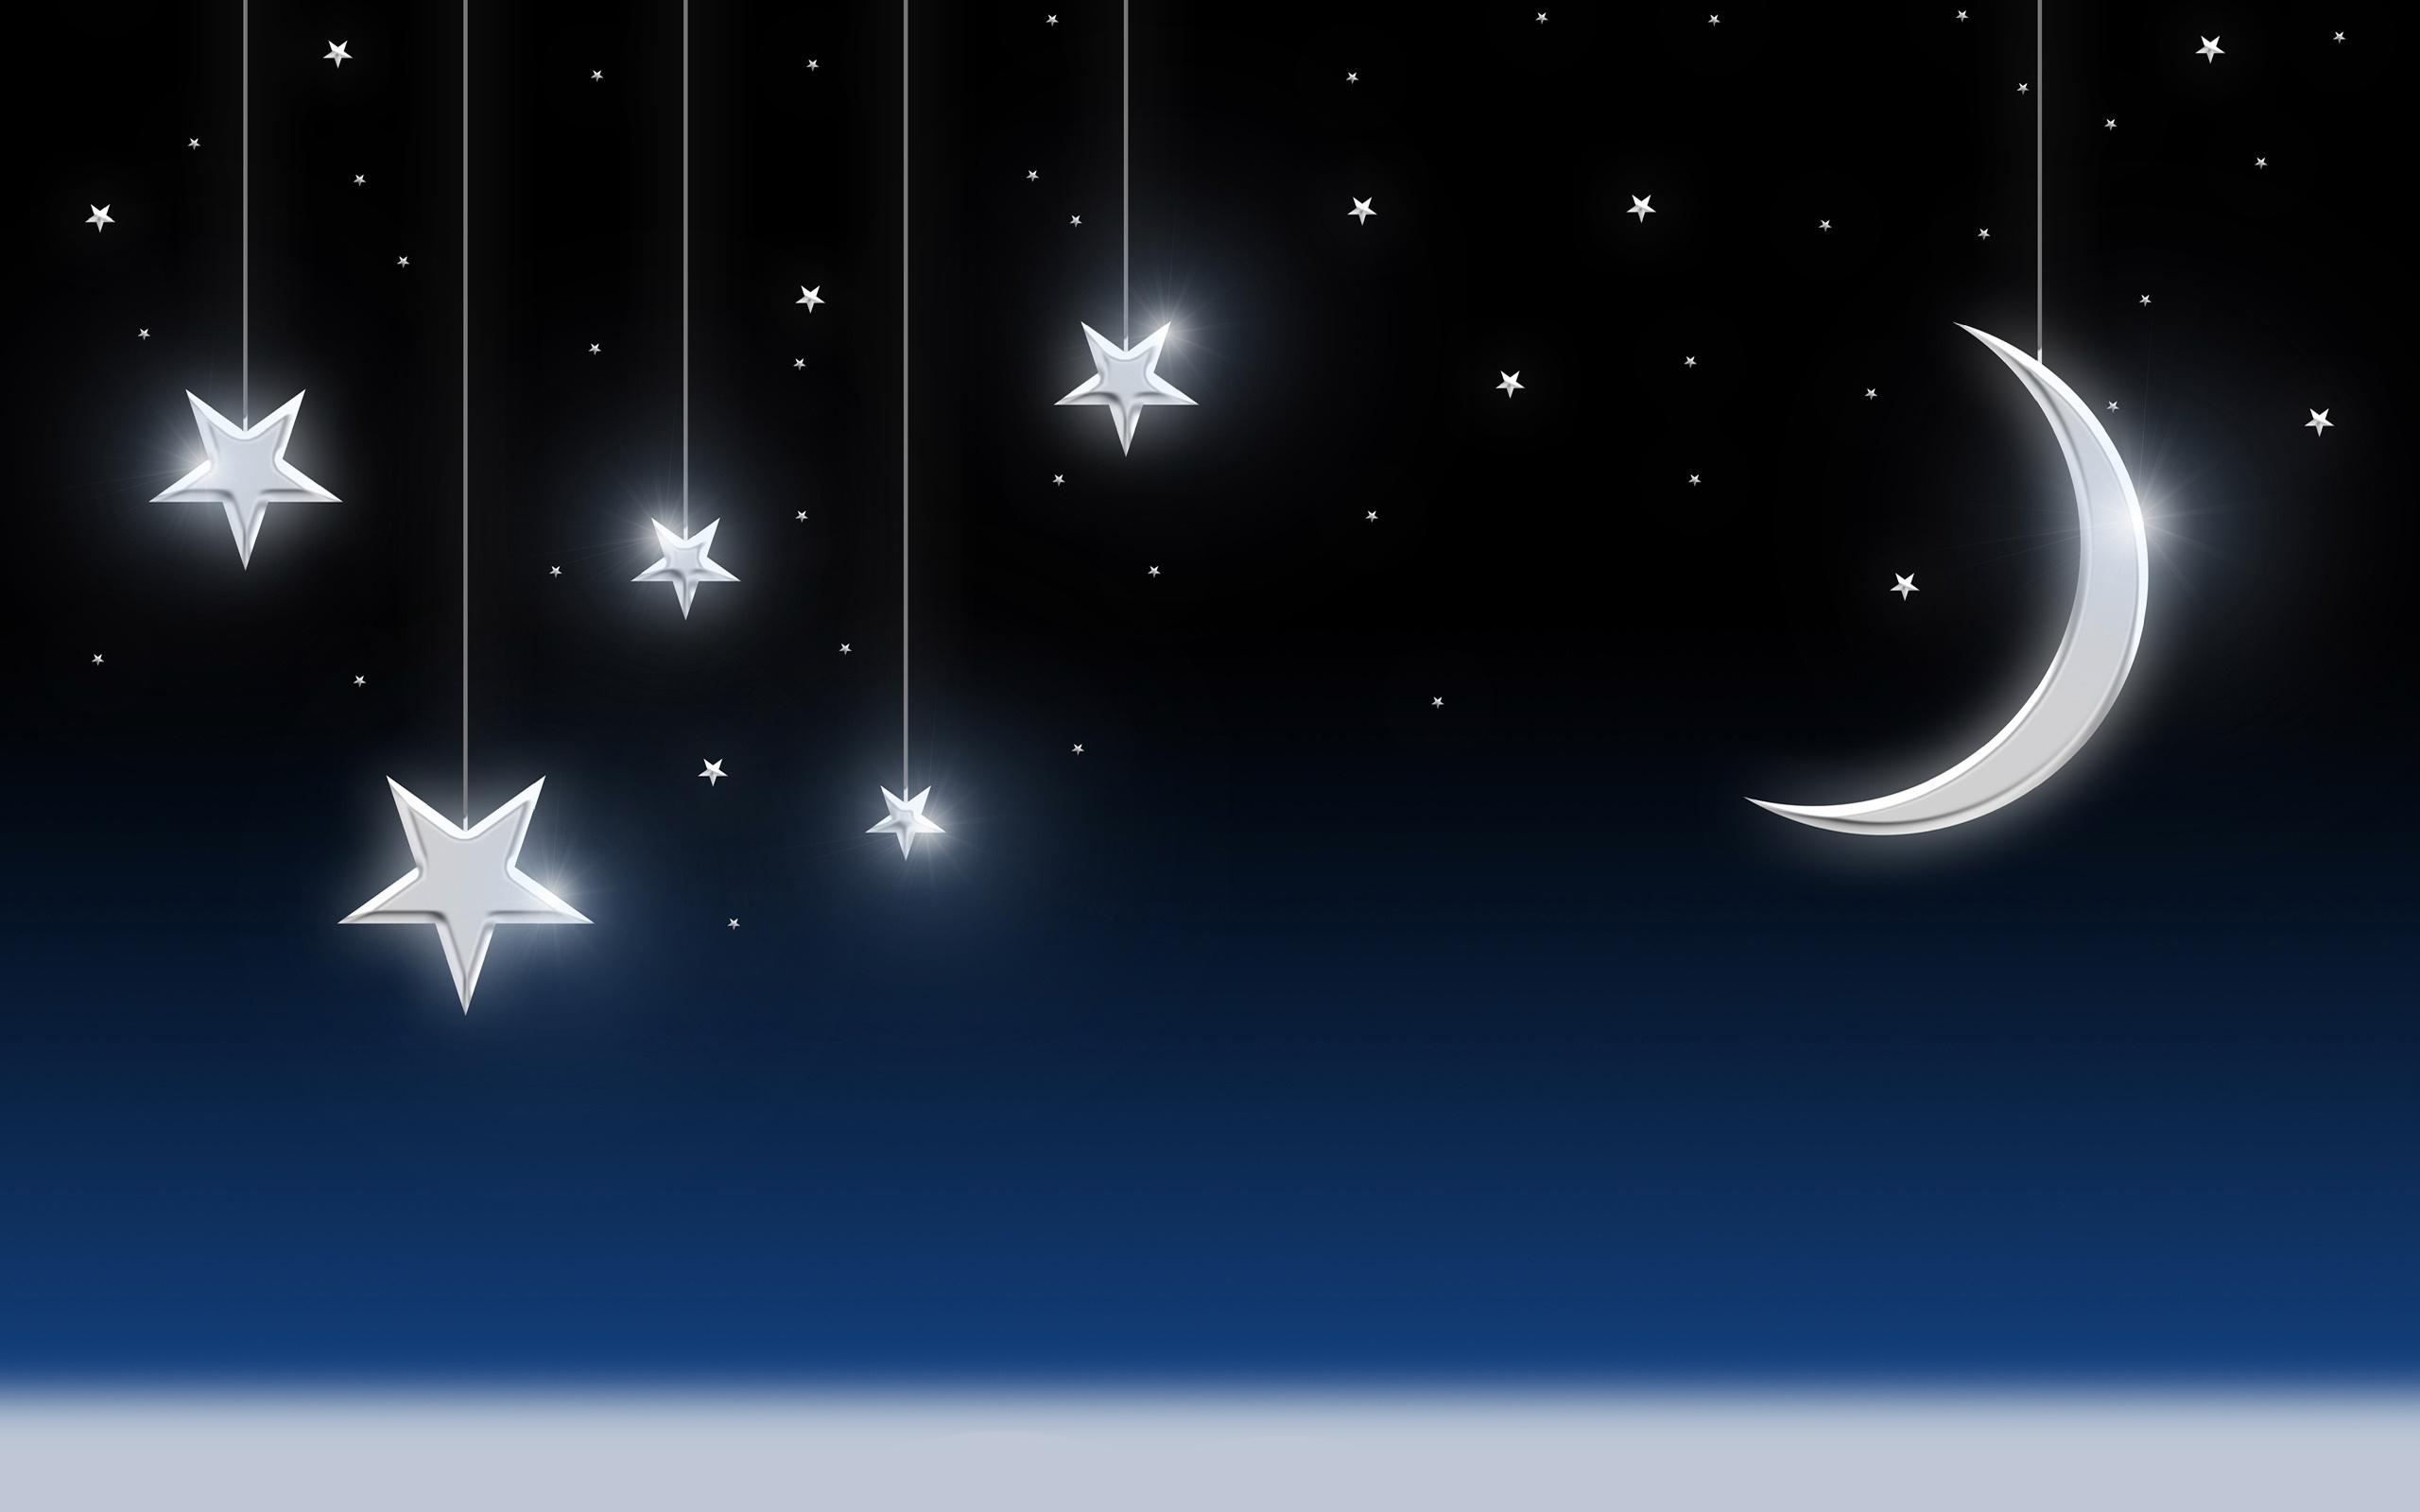 Открытки звезды небо